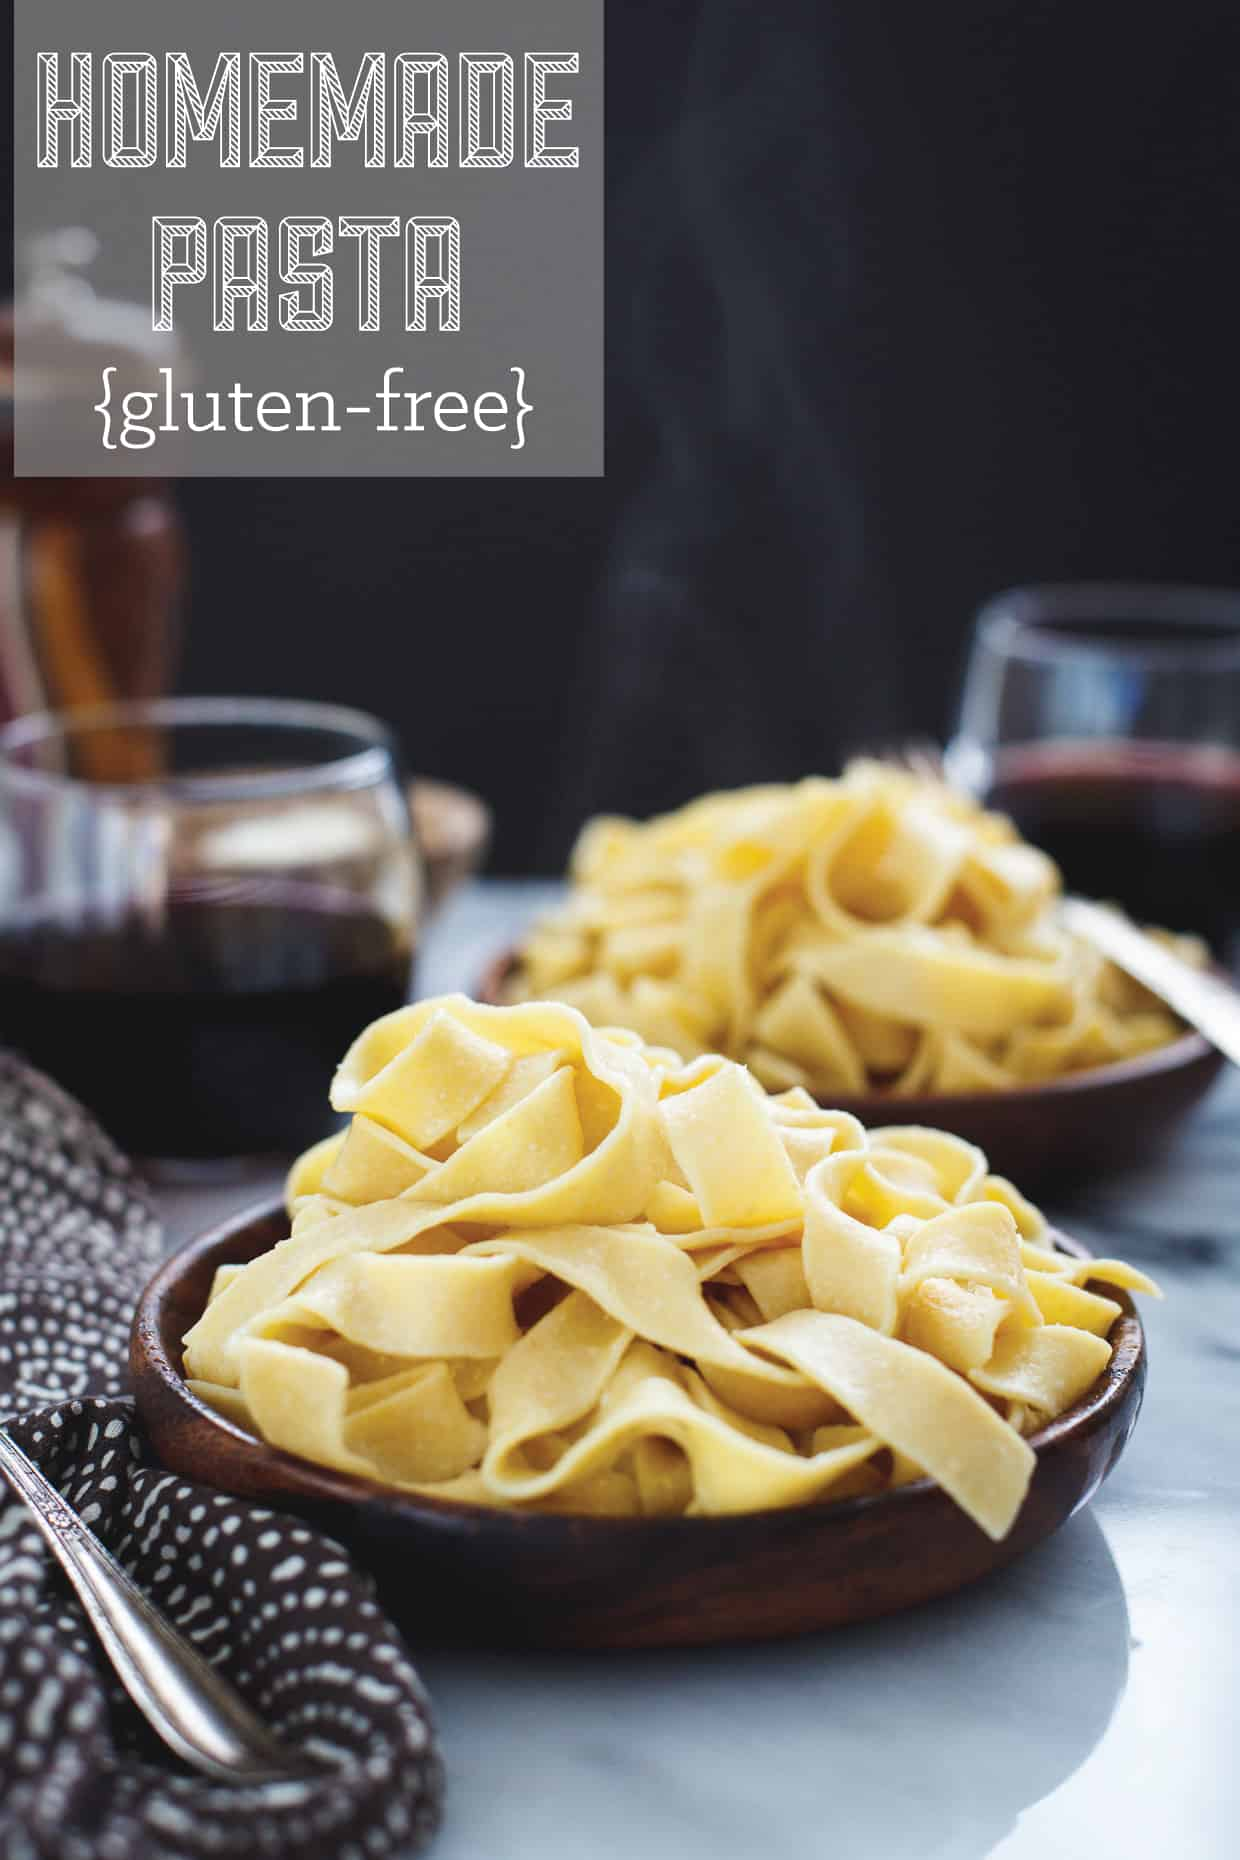 Homemade Gluten-free Pasta